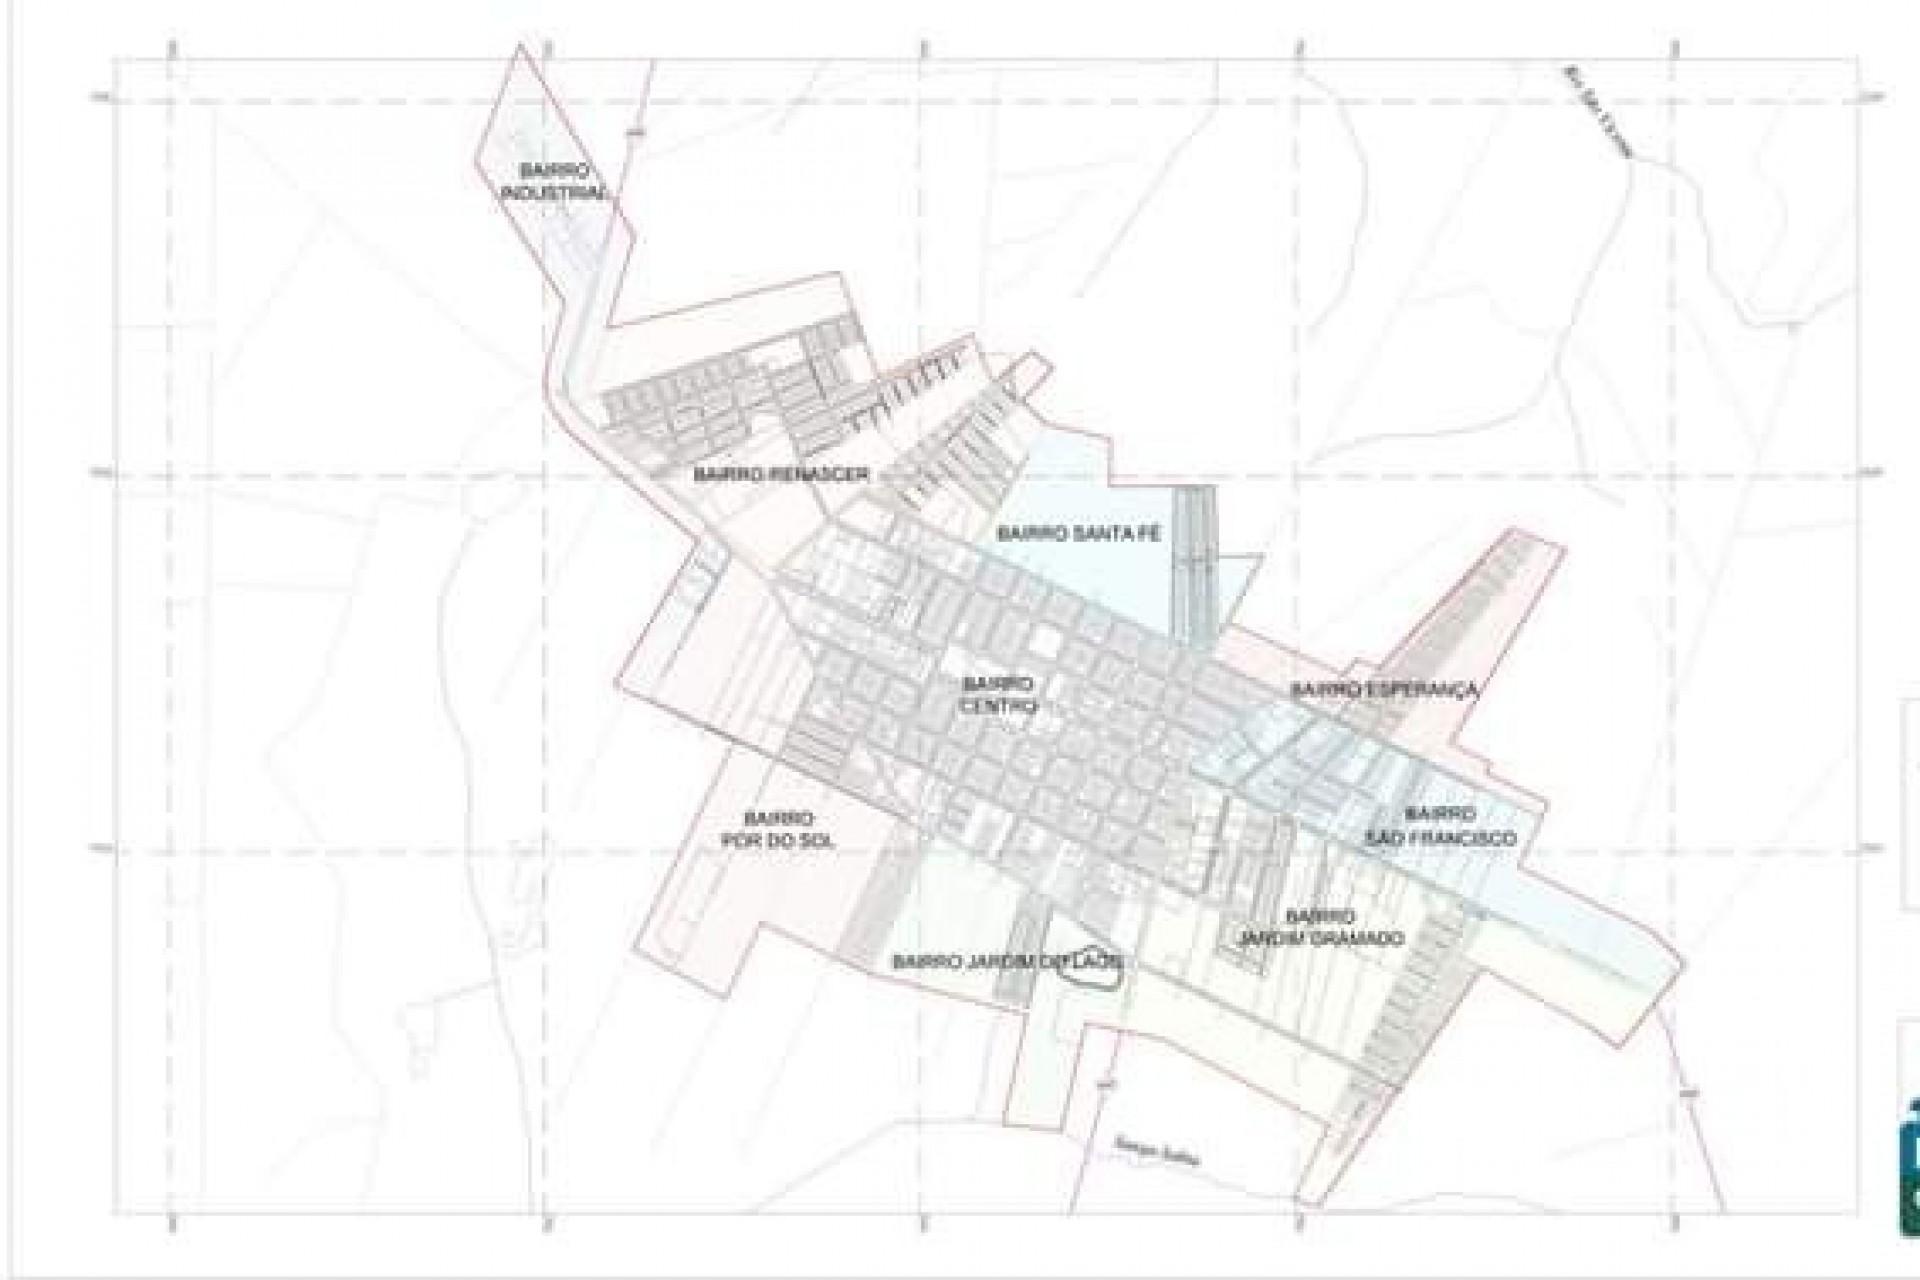 Revisão do Plano Diretor delimita e altera denominação de bairros em Missal